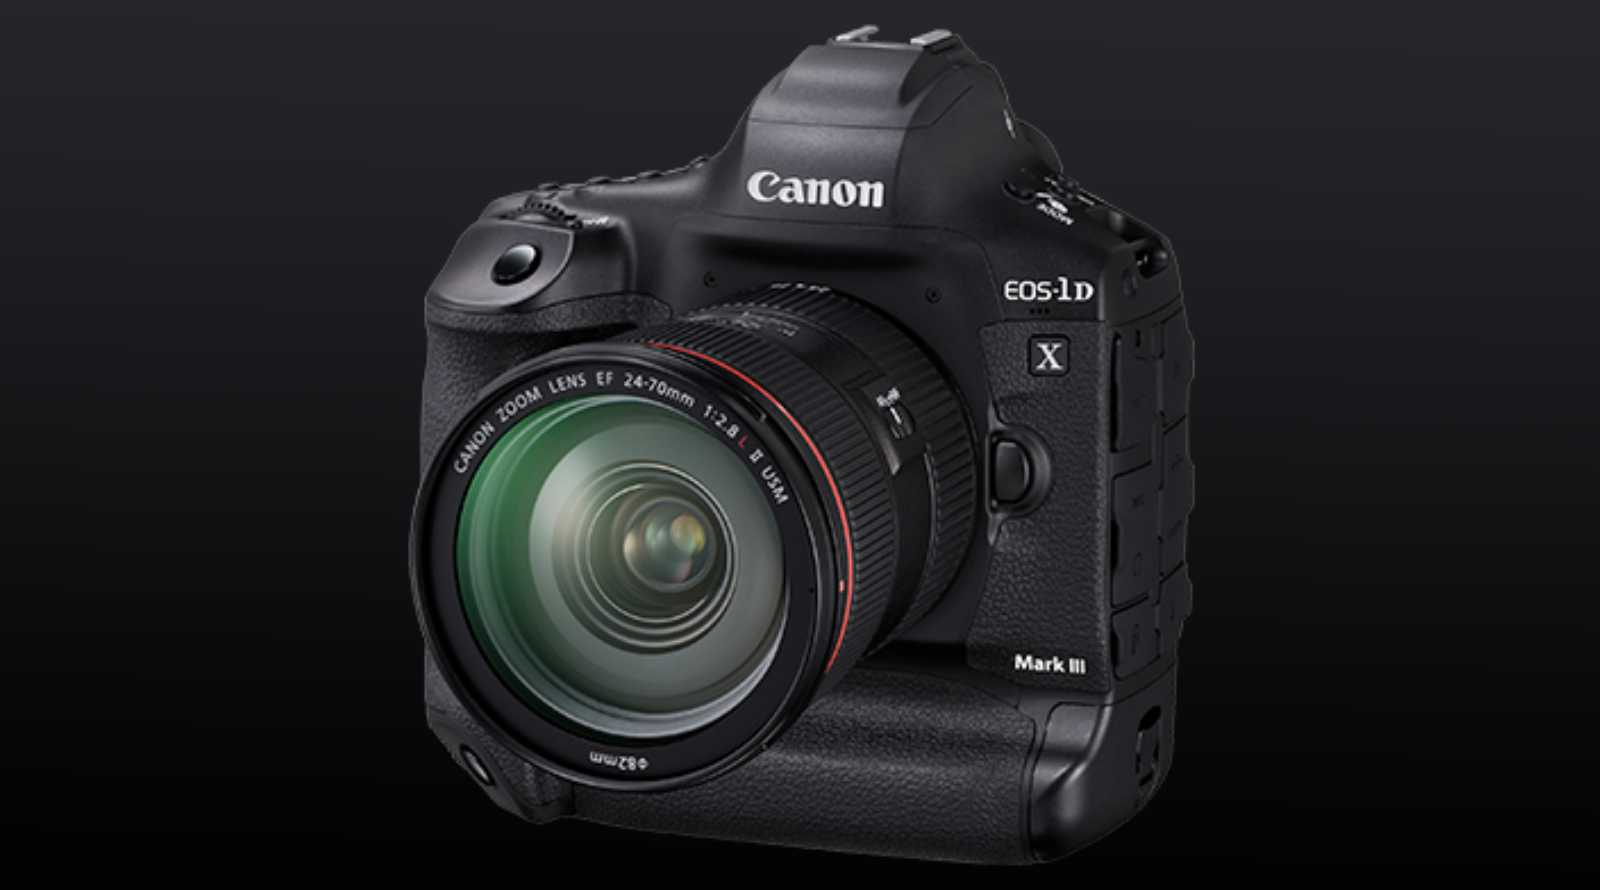 دوربین کانن EOS - 1D X Mark III